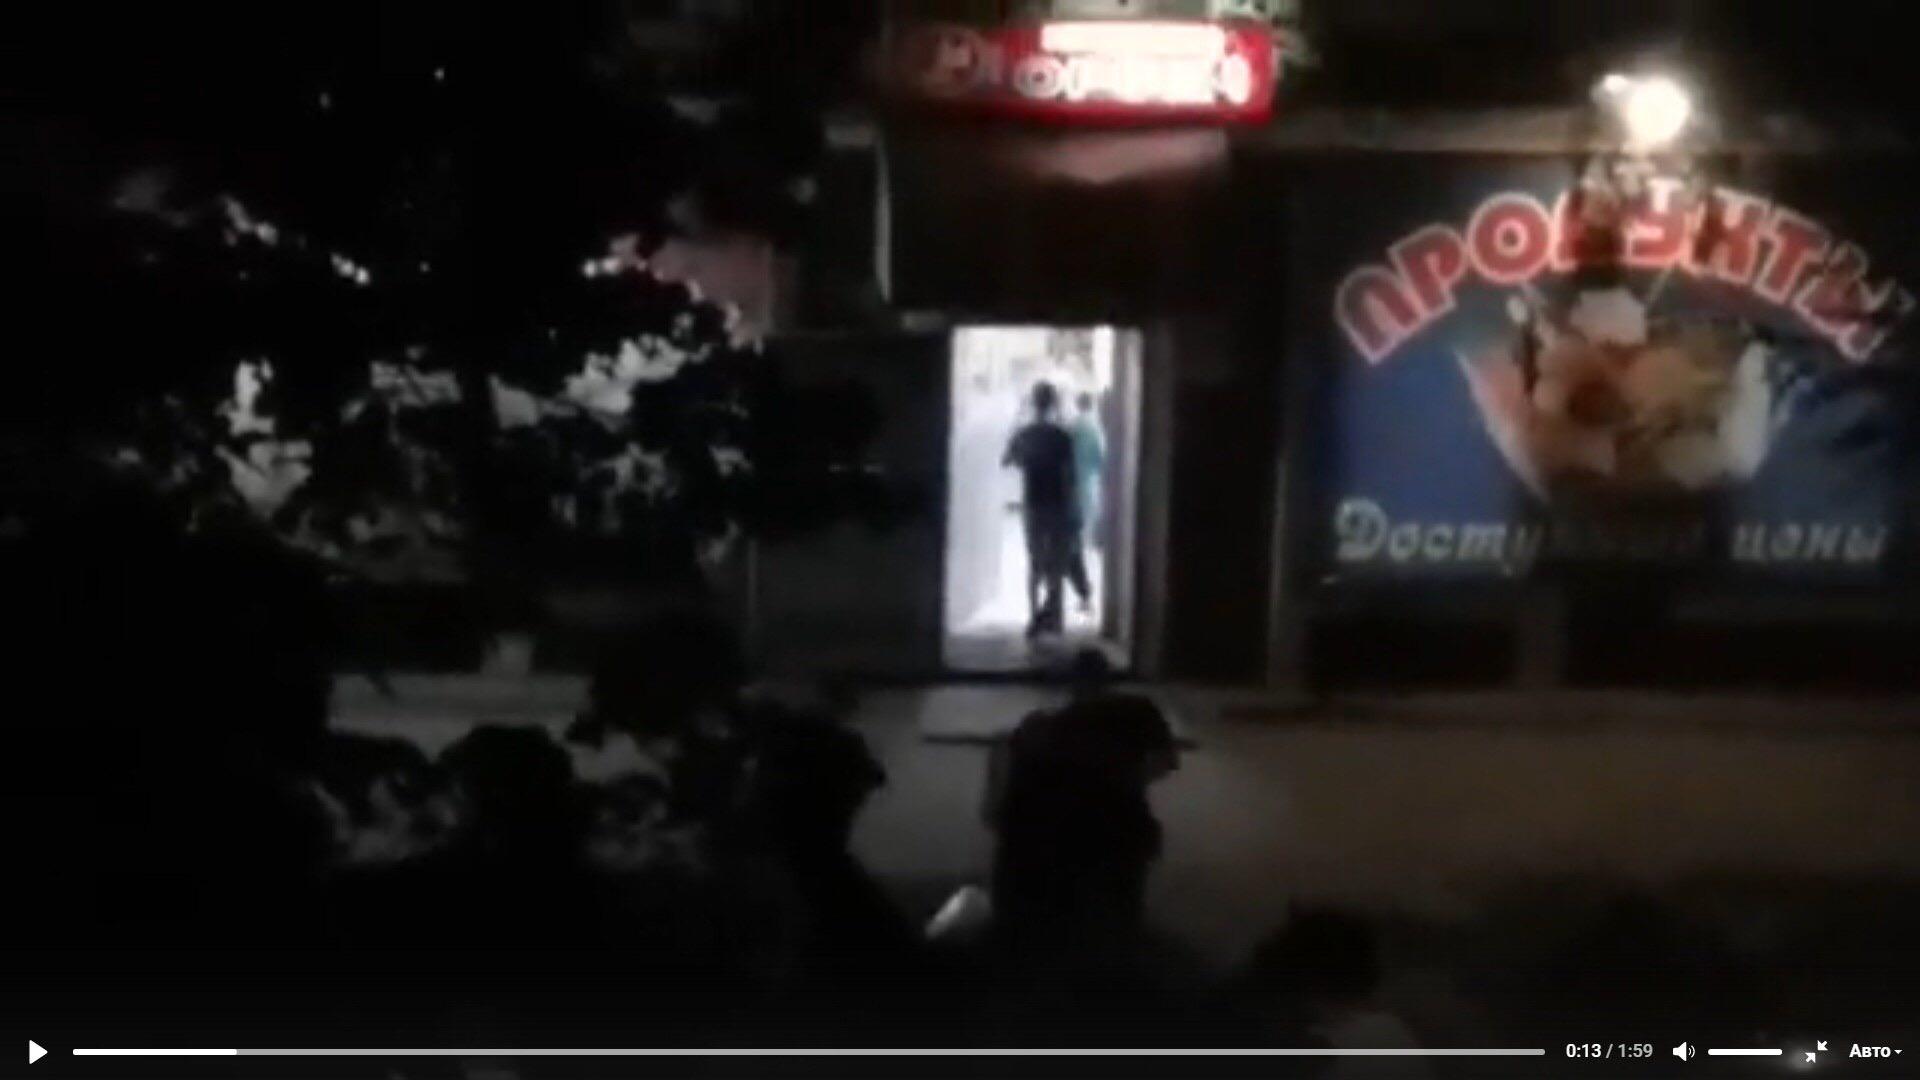 """Балашовцы отметили День знаний с пивом у """"Орфея"""". Видео."""